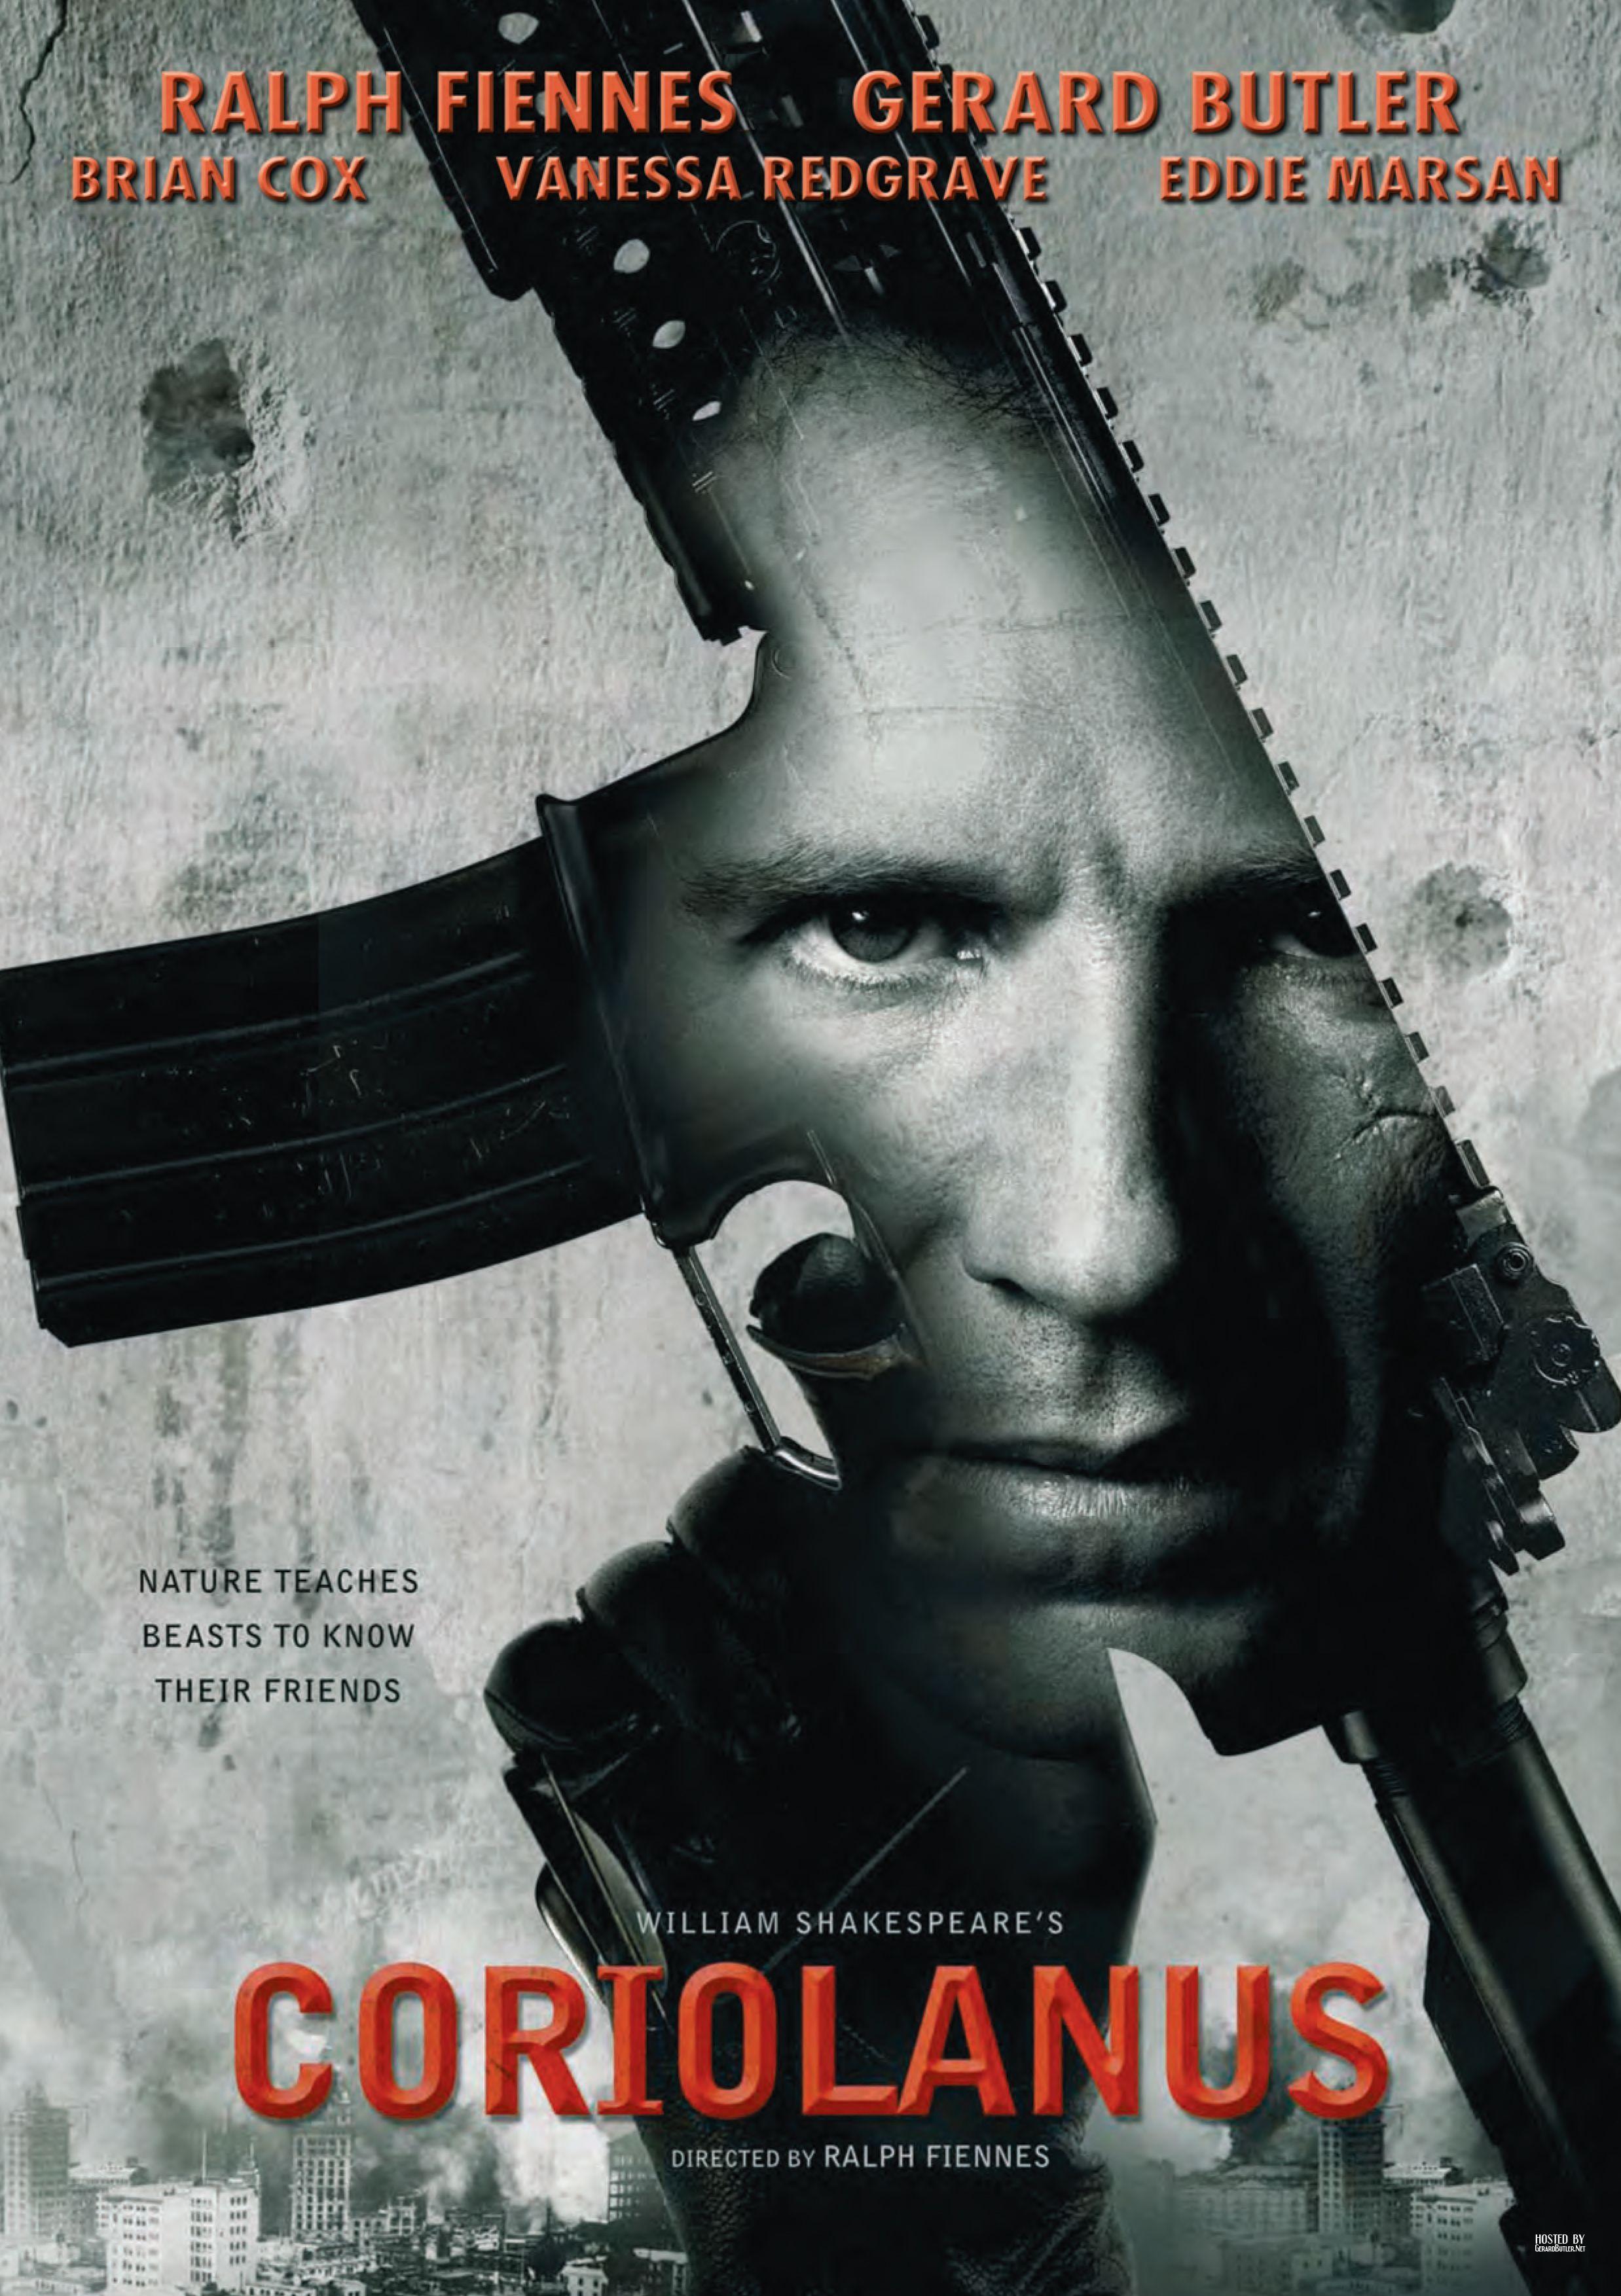 плакат фильма сейлс-арт Кориолан